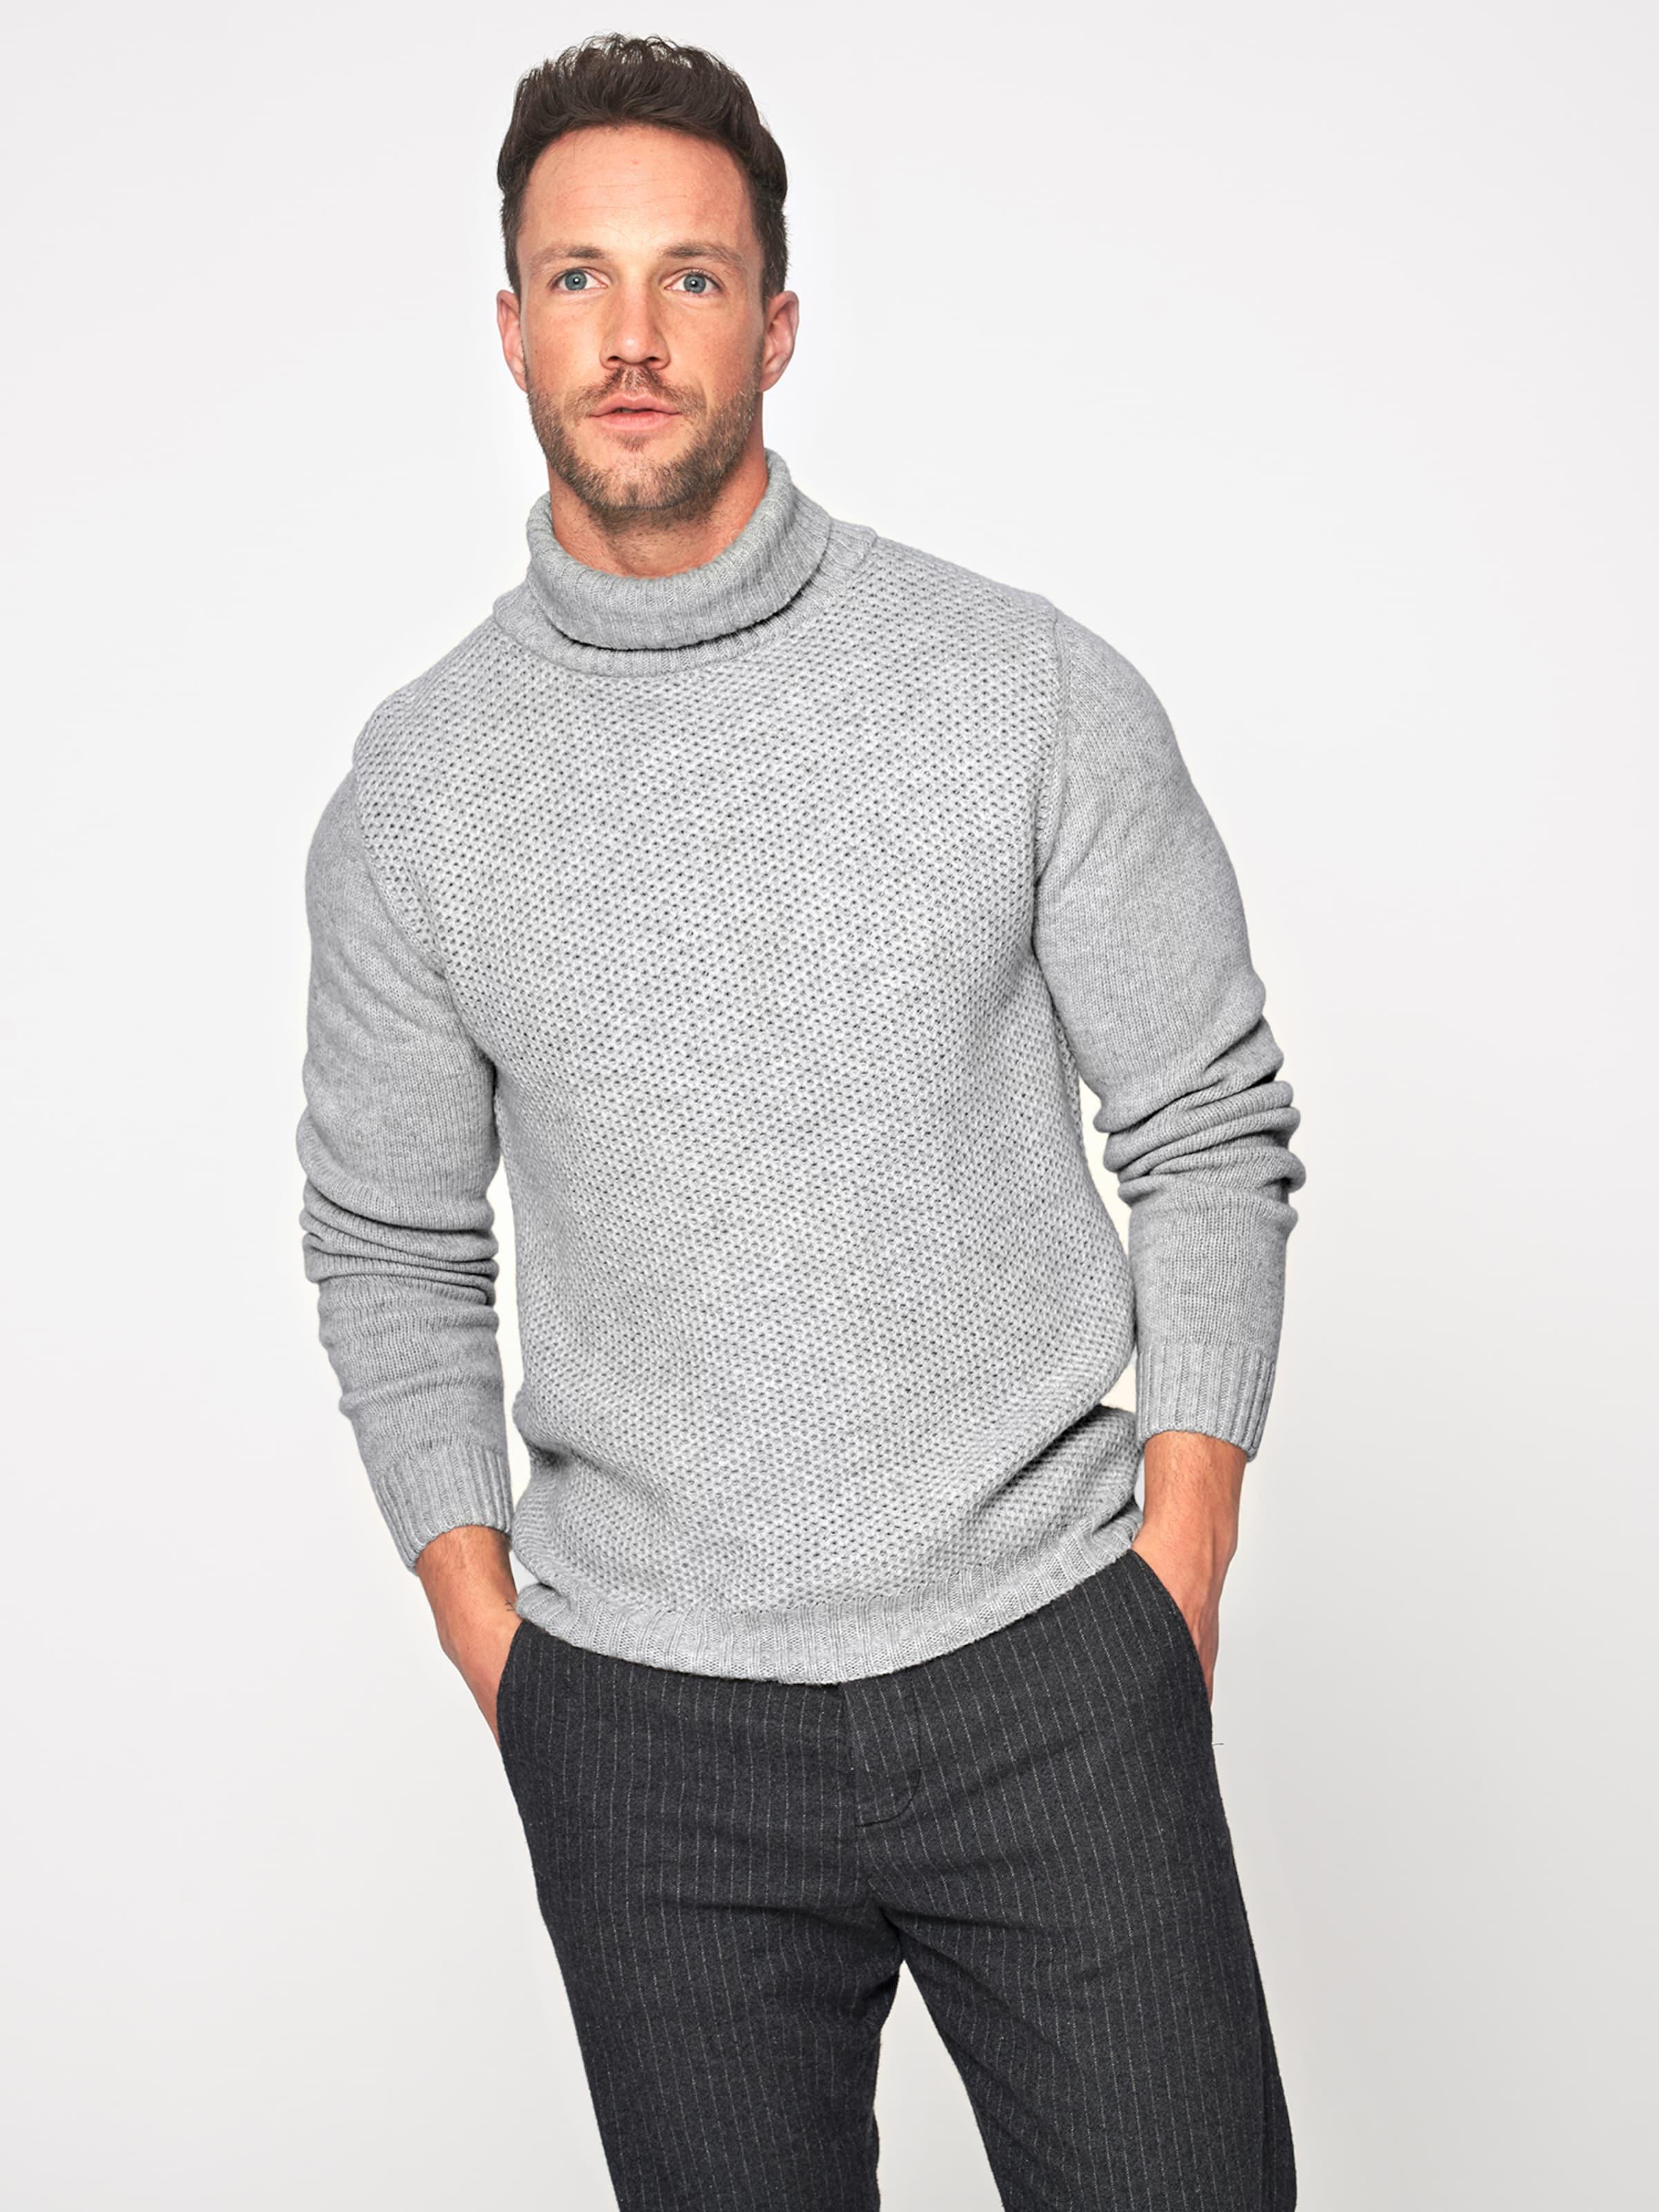 Kaschmir Fox X Magic About 'edin' You Mit Pullover Grau In tQshrd